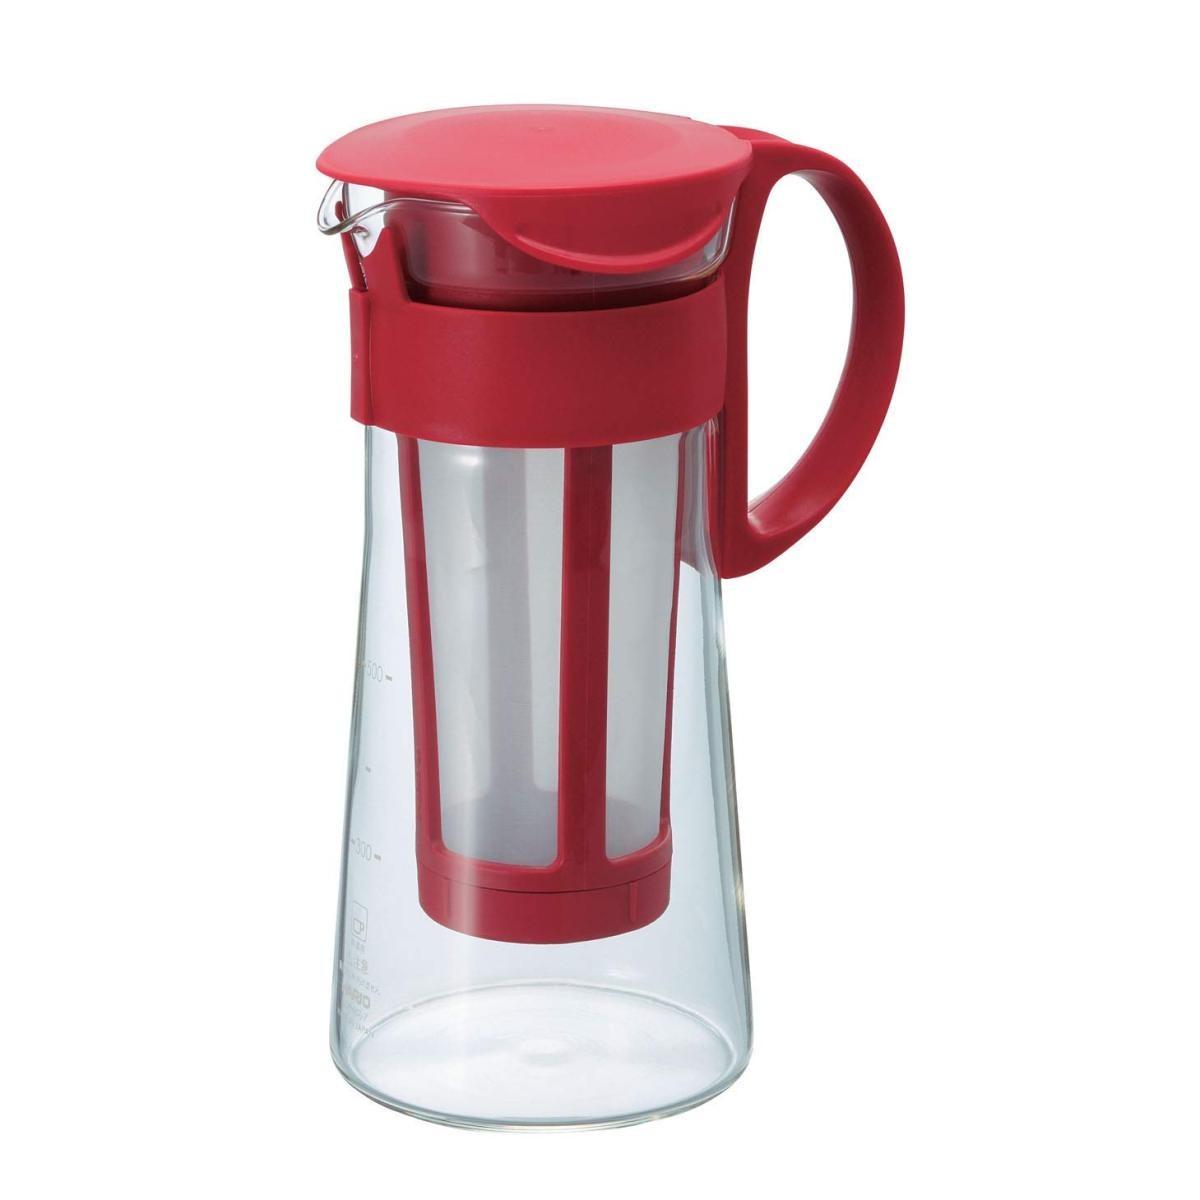 ハリオ 水出し珈琲ポット 600ml 5杯用 MCPN-7R レッドの商品画像|4